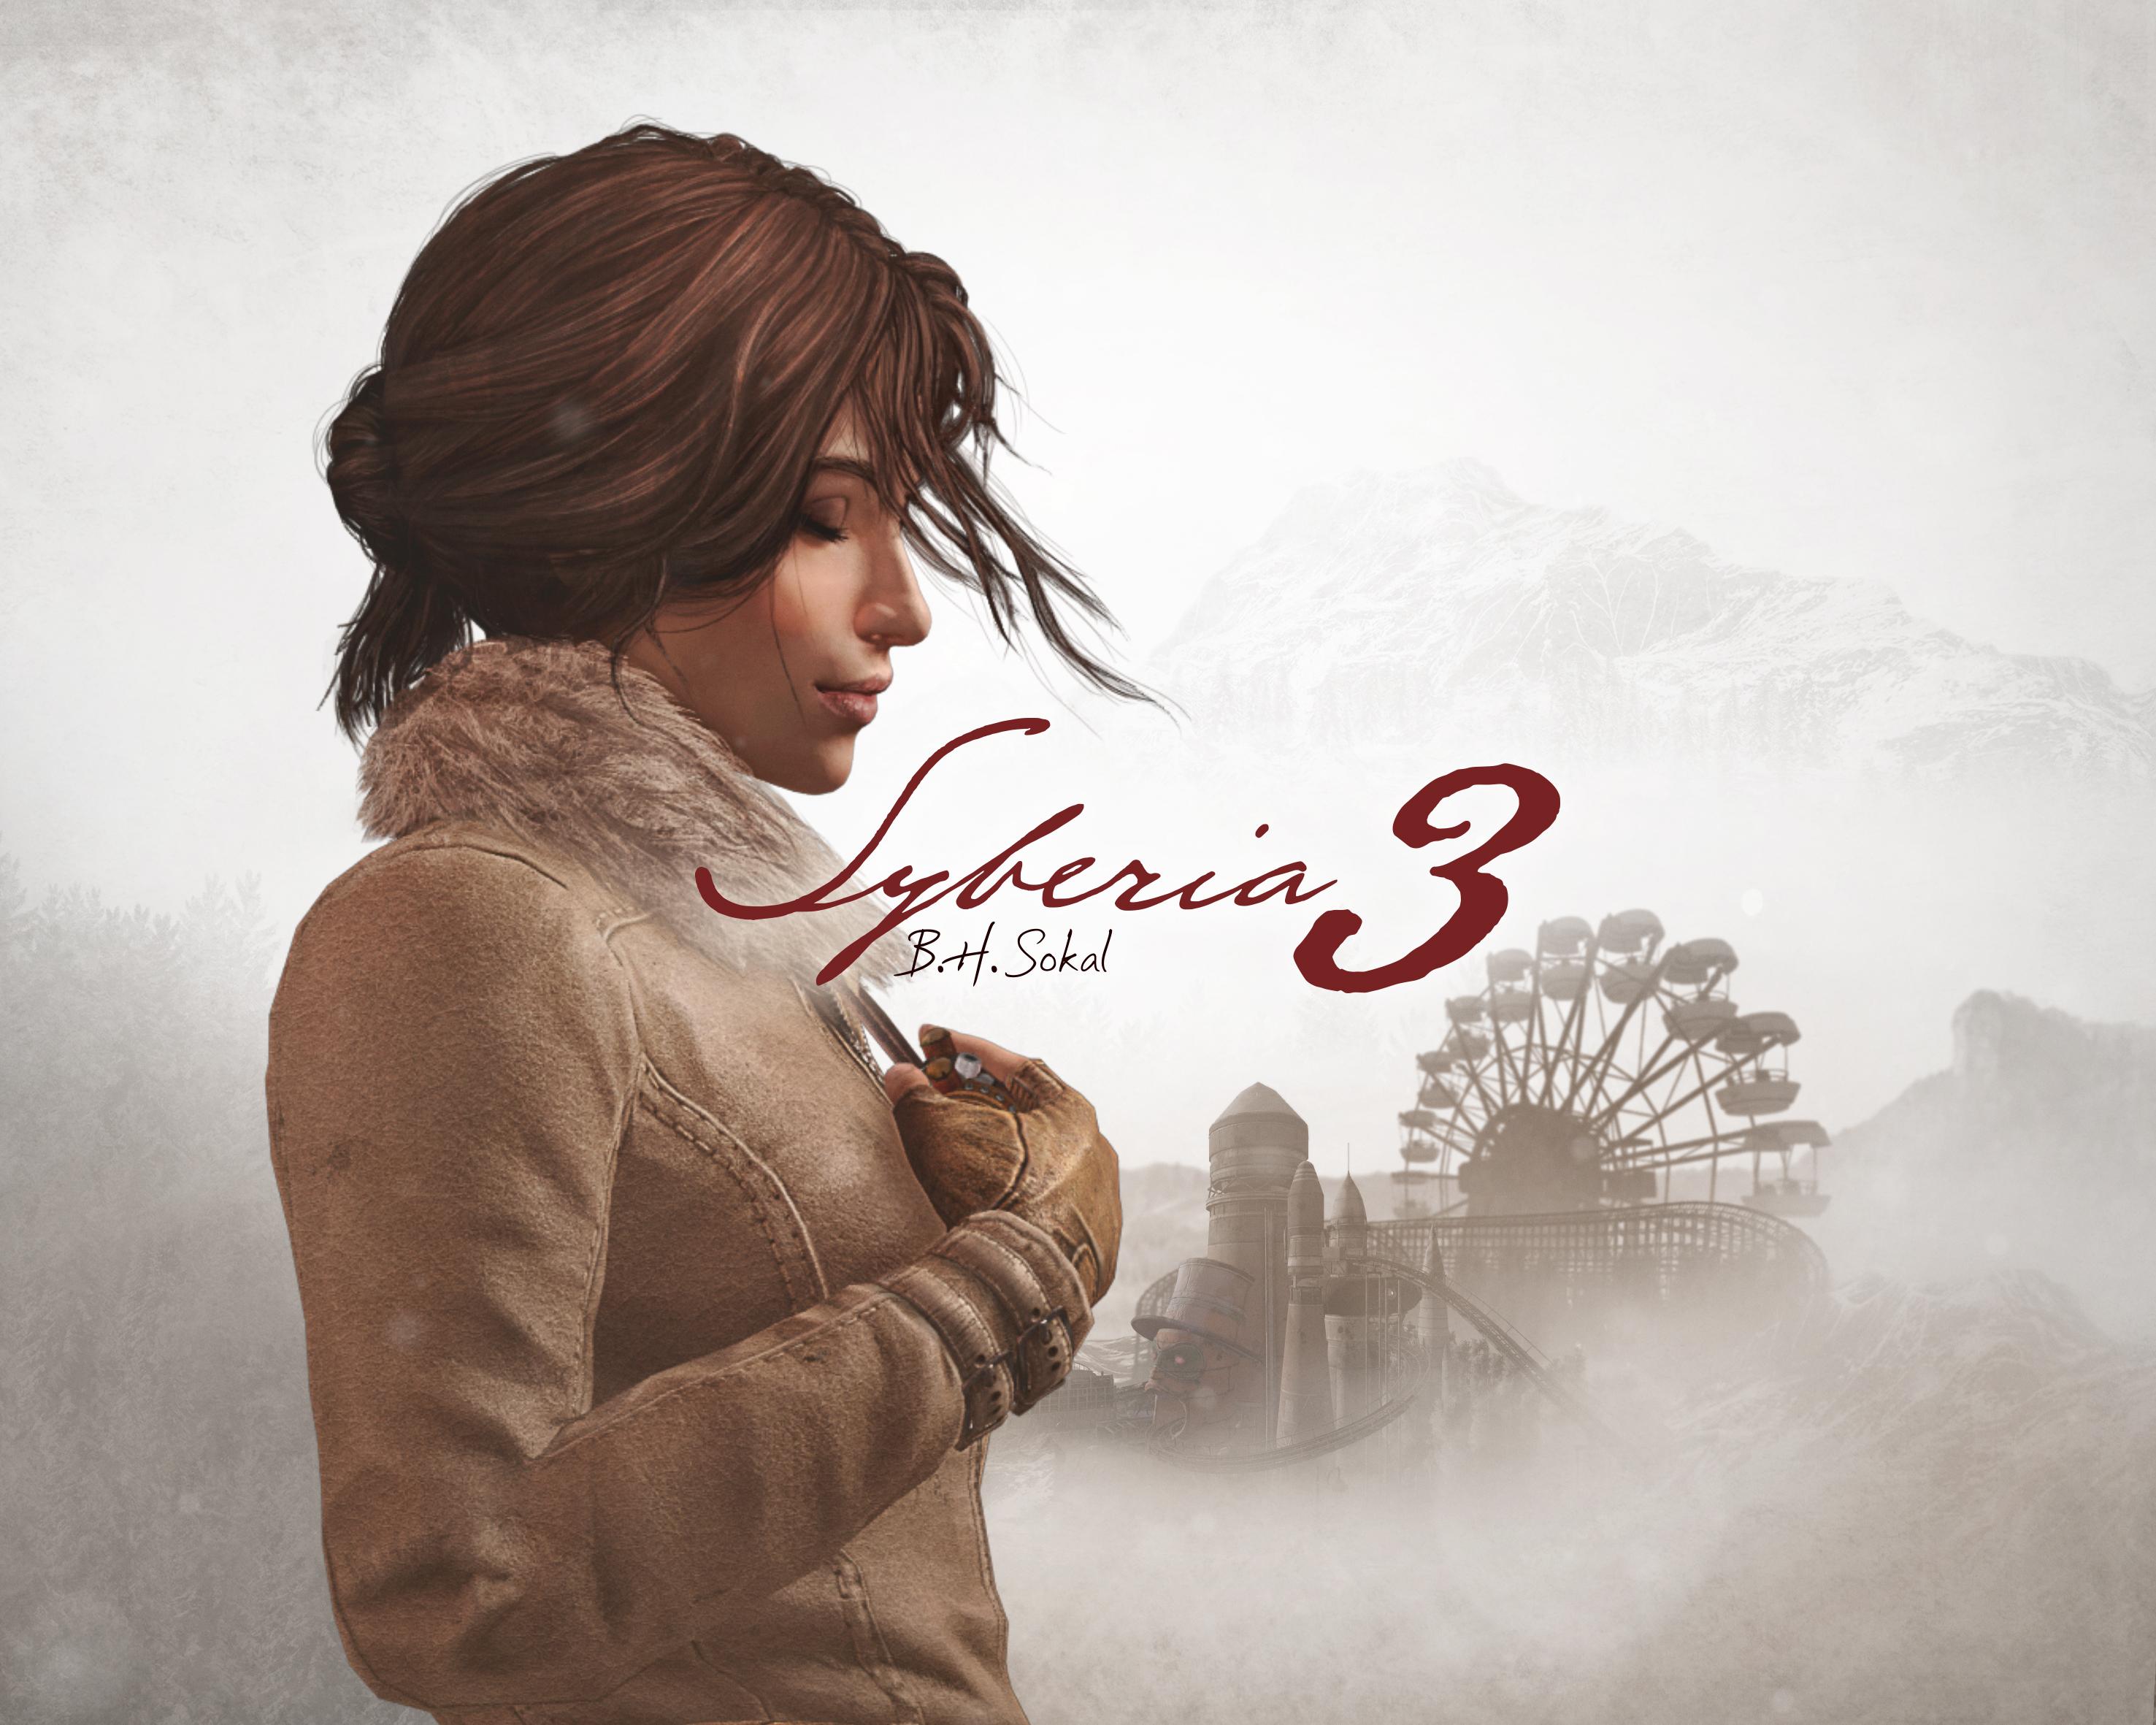 Syberia 3 Deluxe